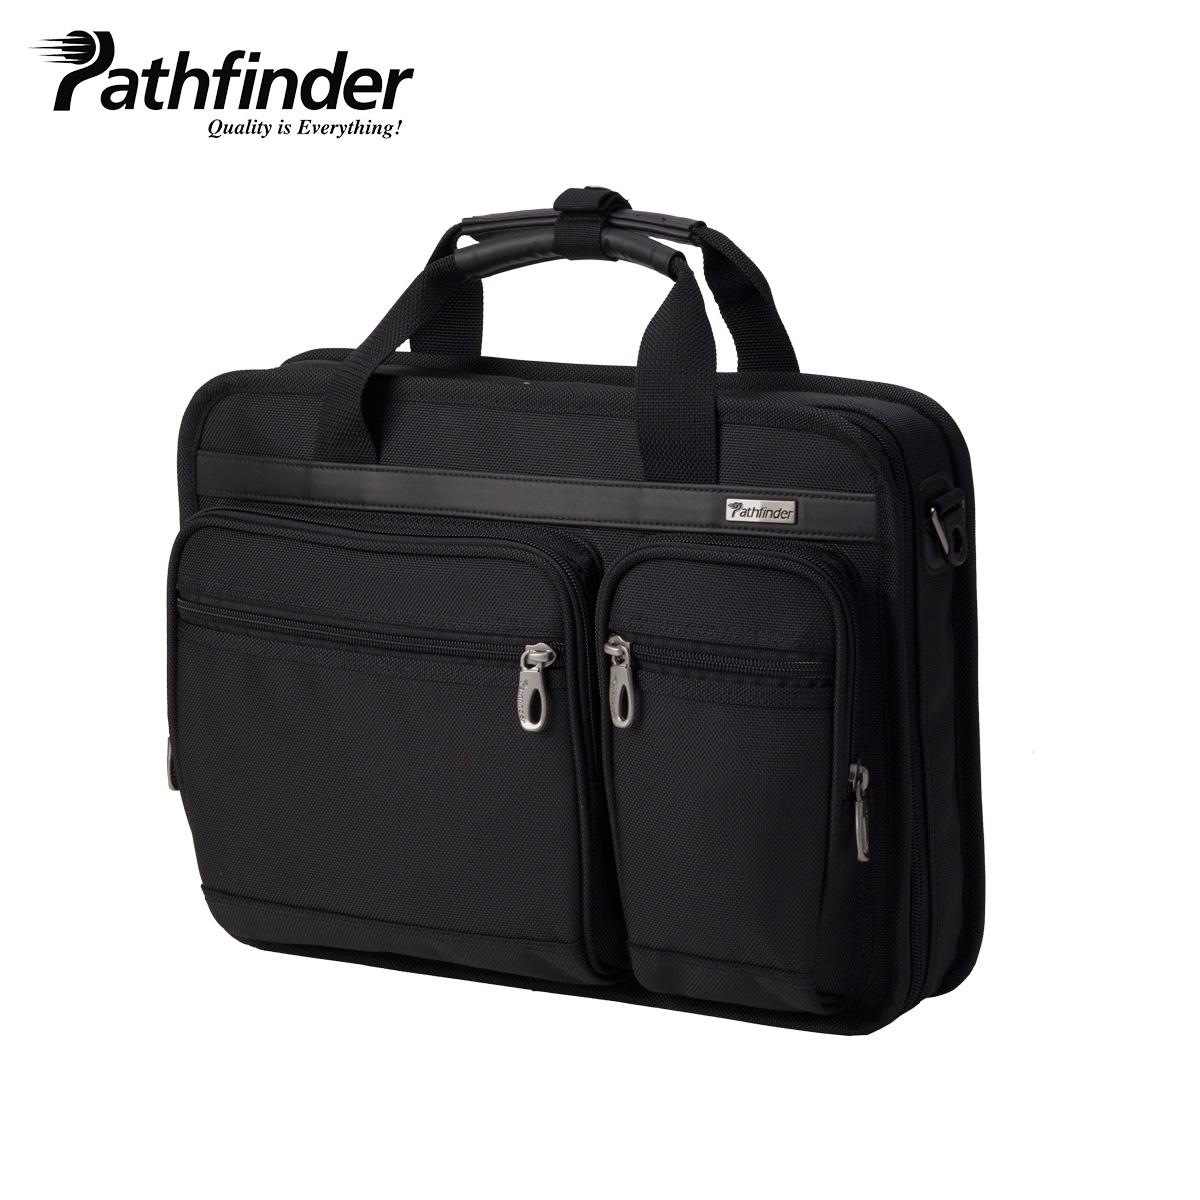 Pathfinder パスファインダー バッグ ビジネスバッグ ブリーフケース ショルダー メンズ AVENGER ブラック 黒 PF1801B